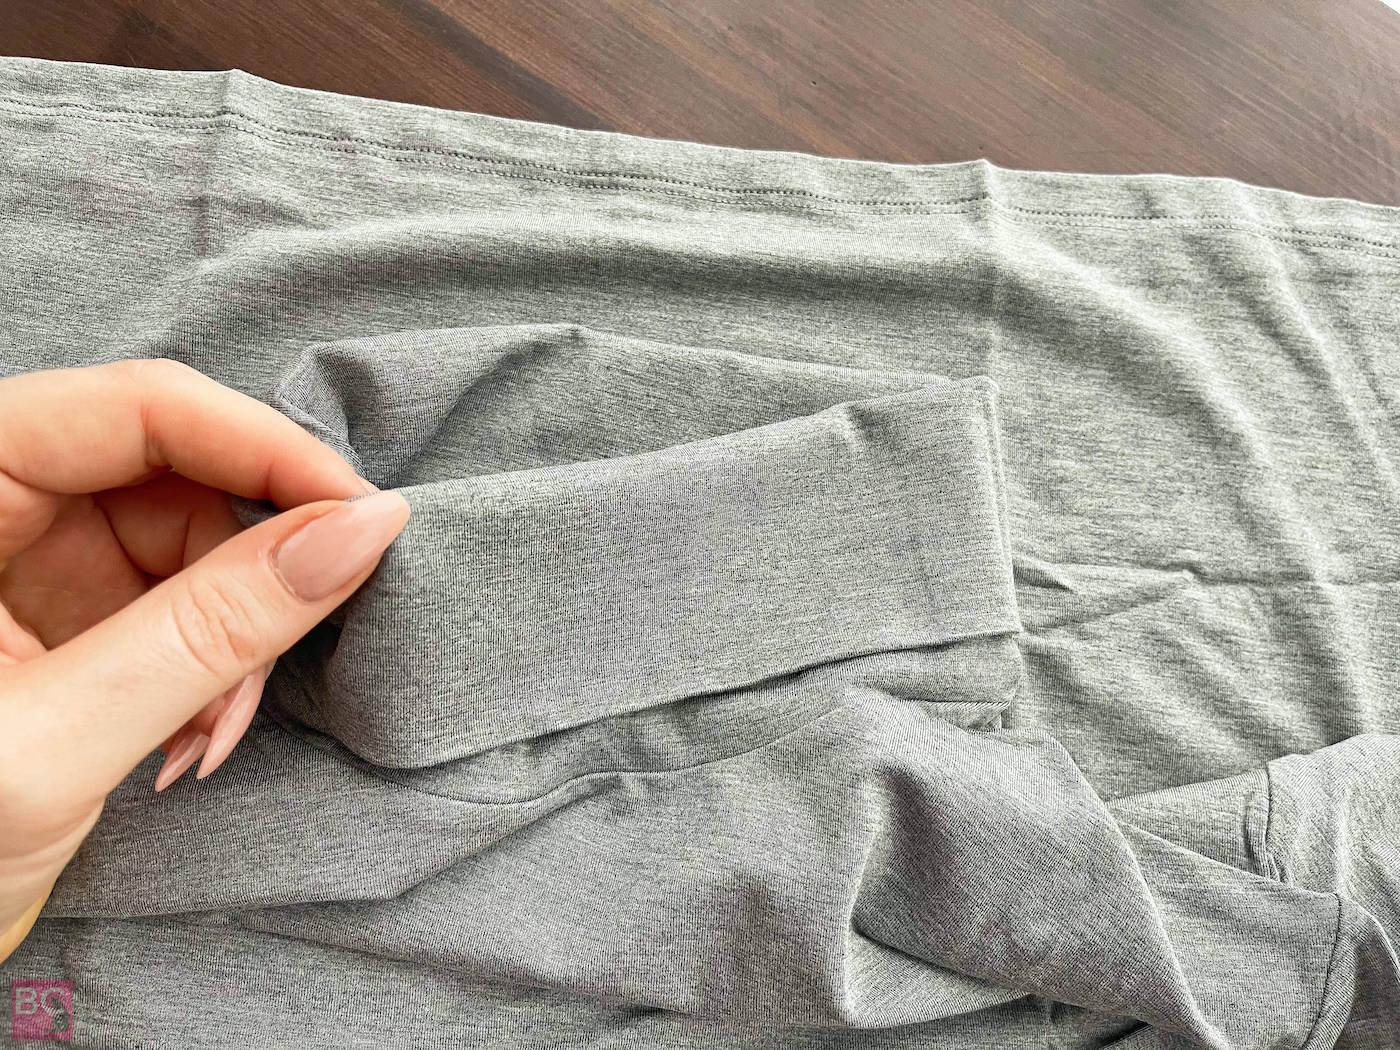 The Mia Shirt Les Lunes Erfahrungen Details Hals Kragen gefaltet Nähte verarbeitet